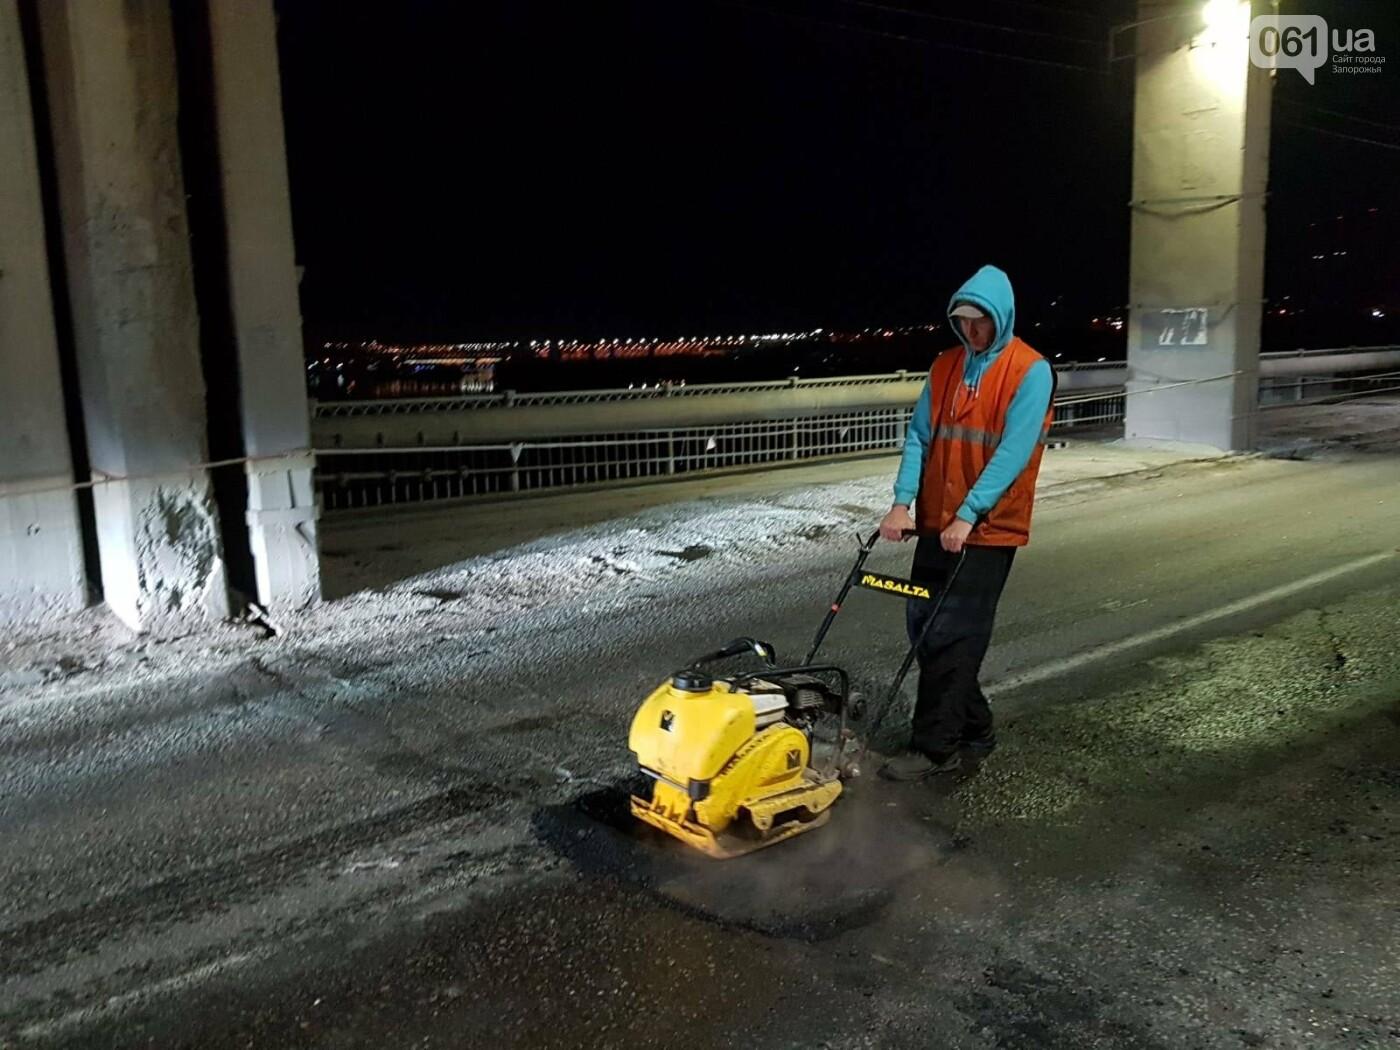 Запорожские коммунальщики ночью на мосту Преображенского ремонтировали дорогу, фото-1